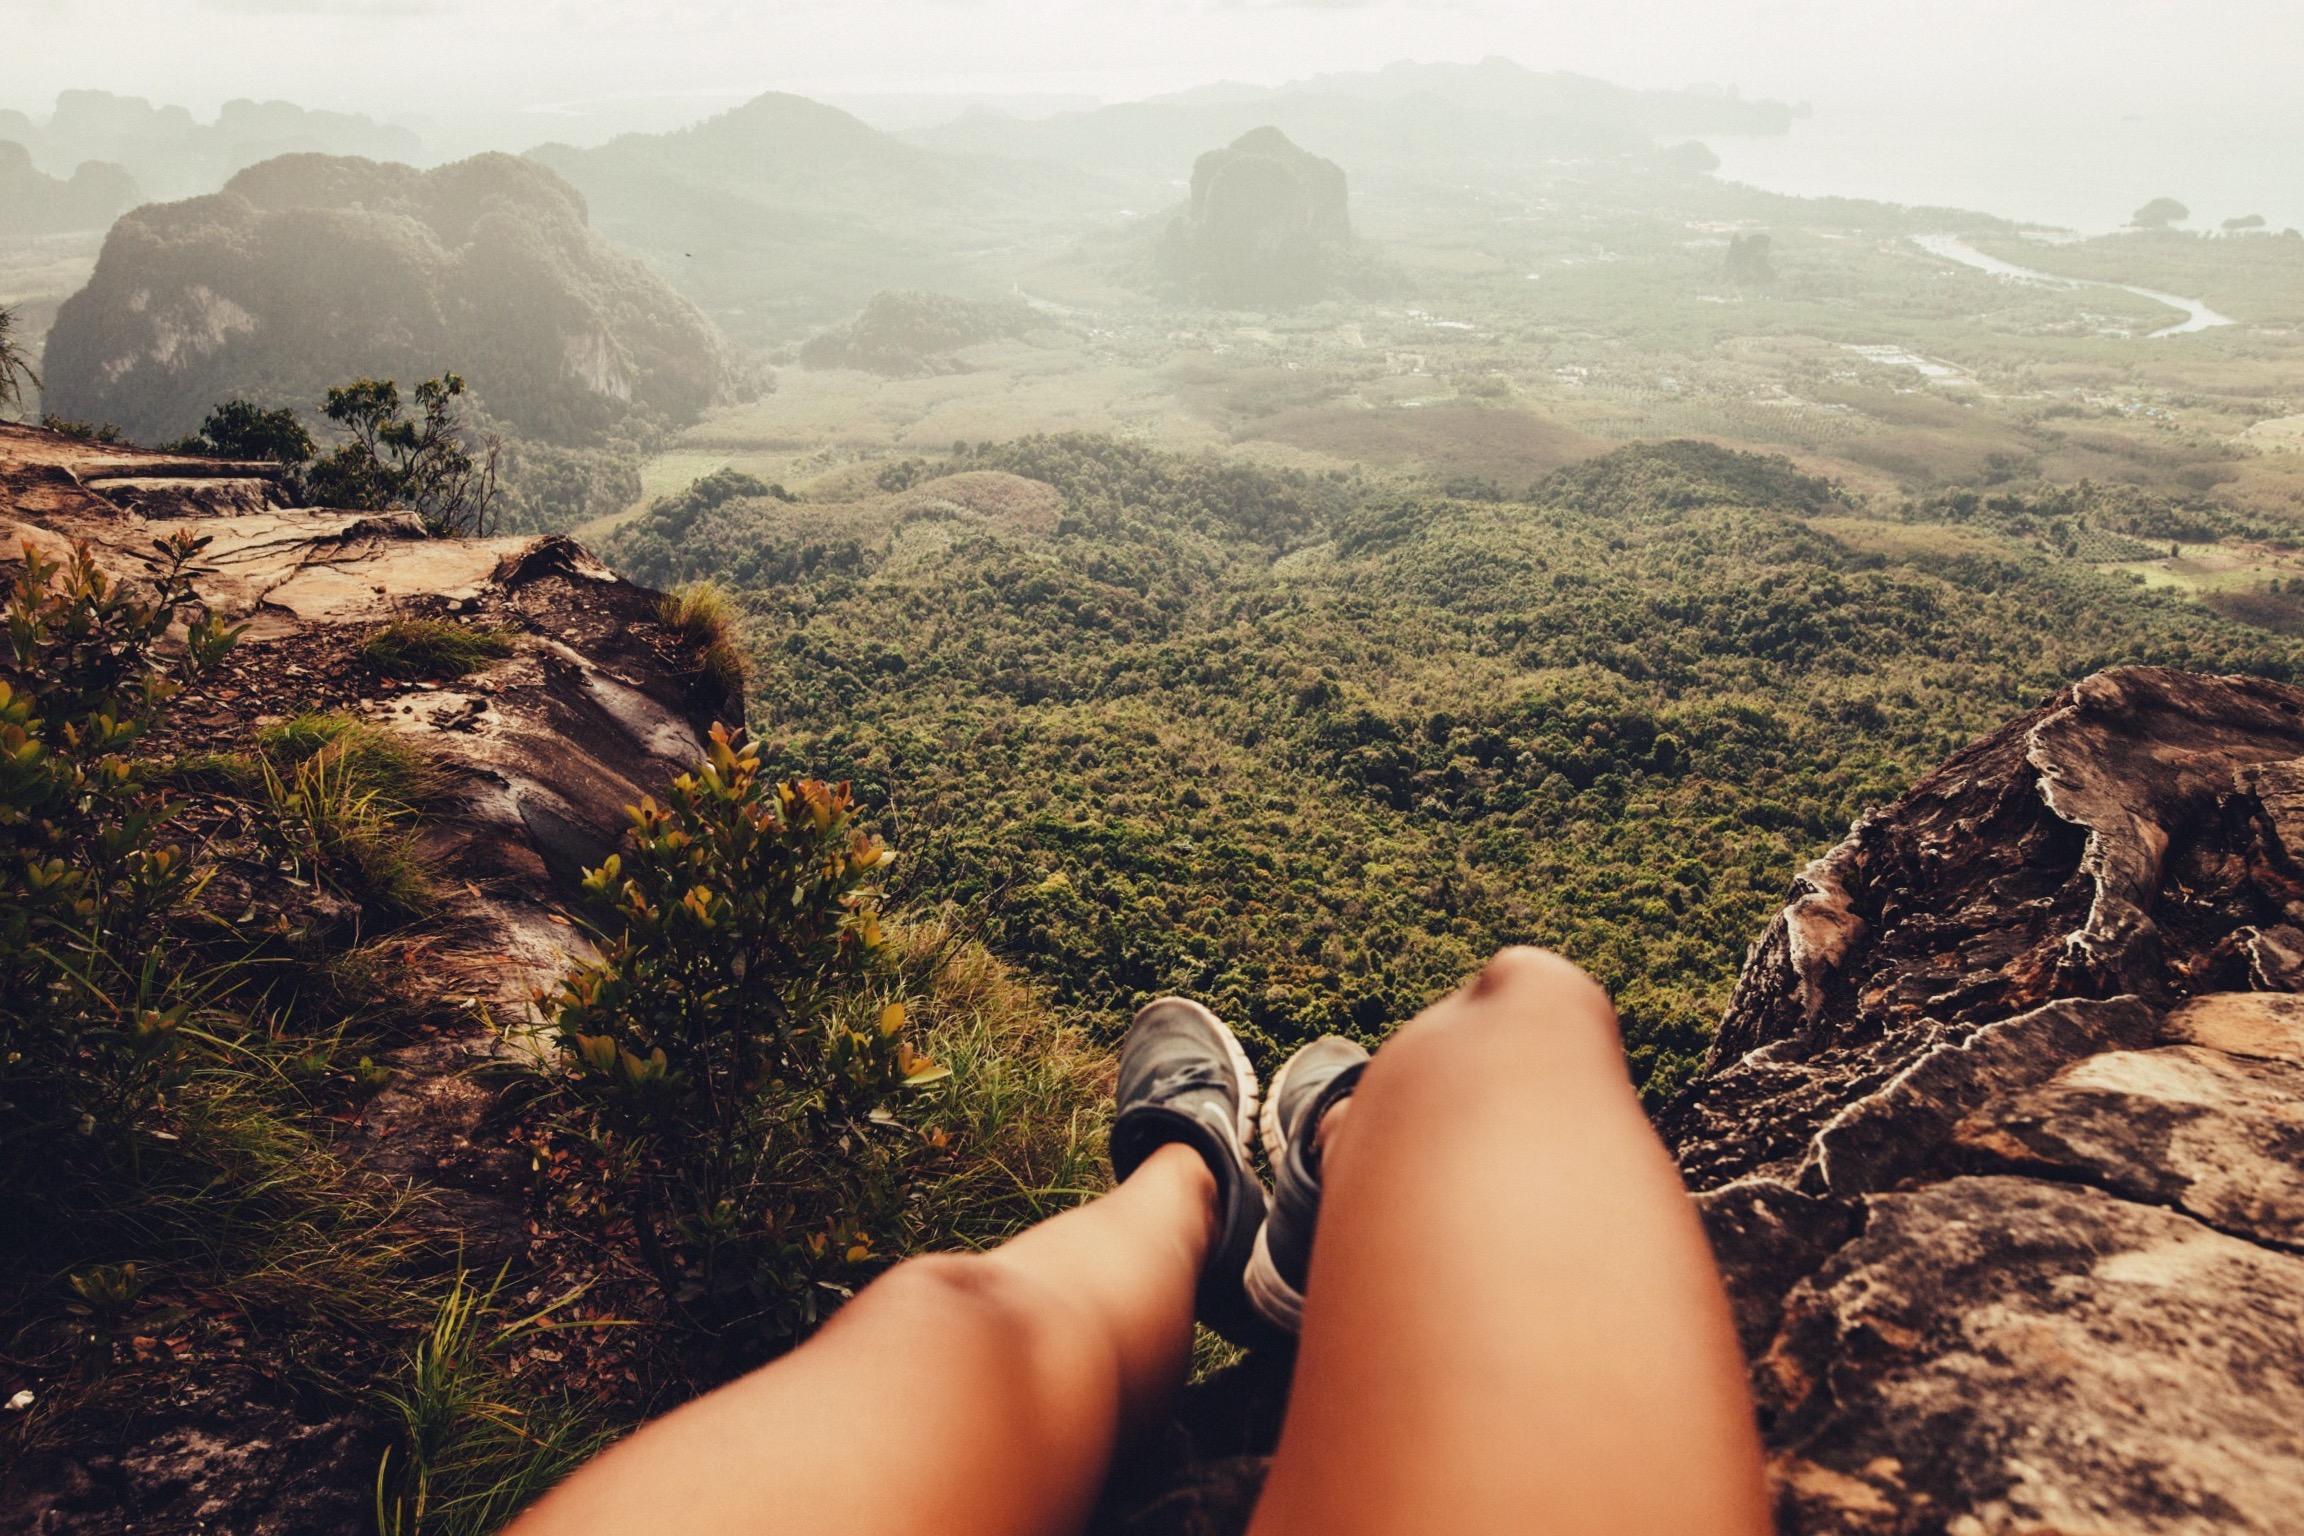 Tun Was Man Liebt Ziele Setzen Träume Leben Pineapplejuice